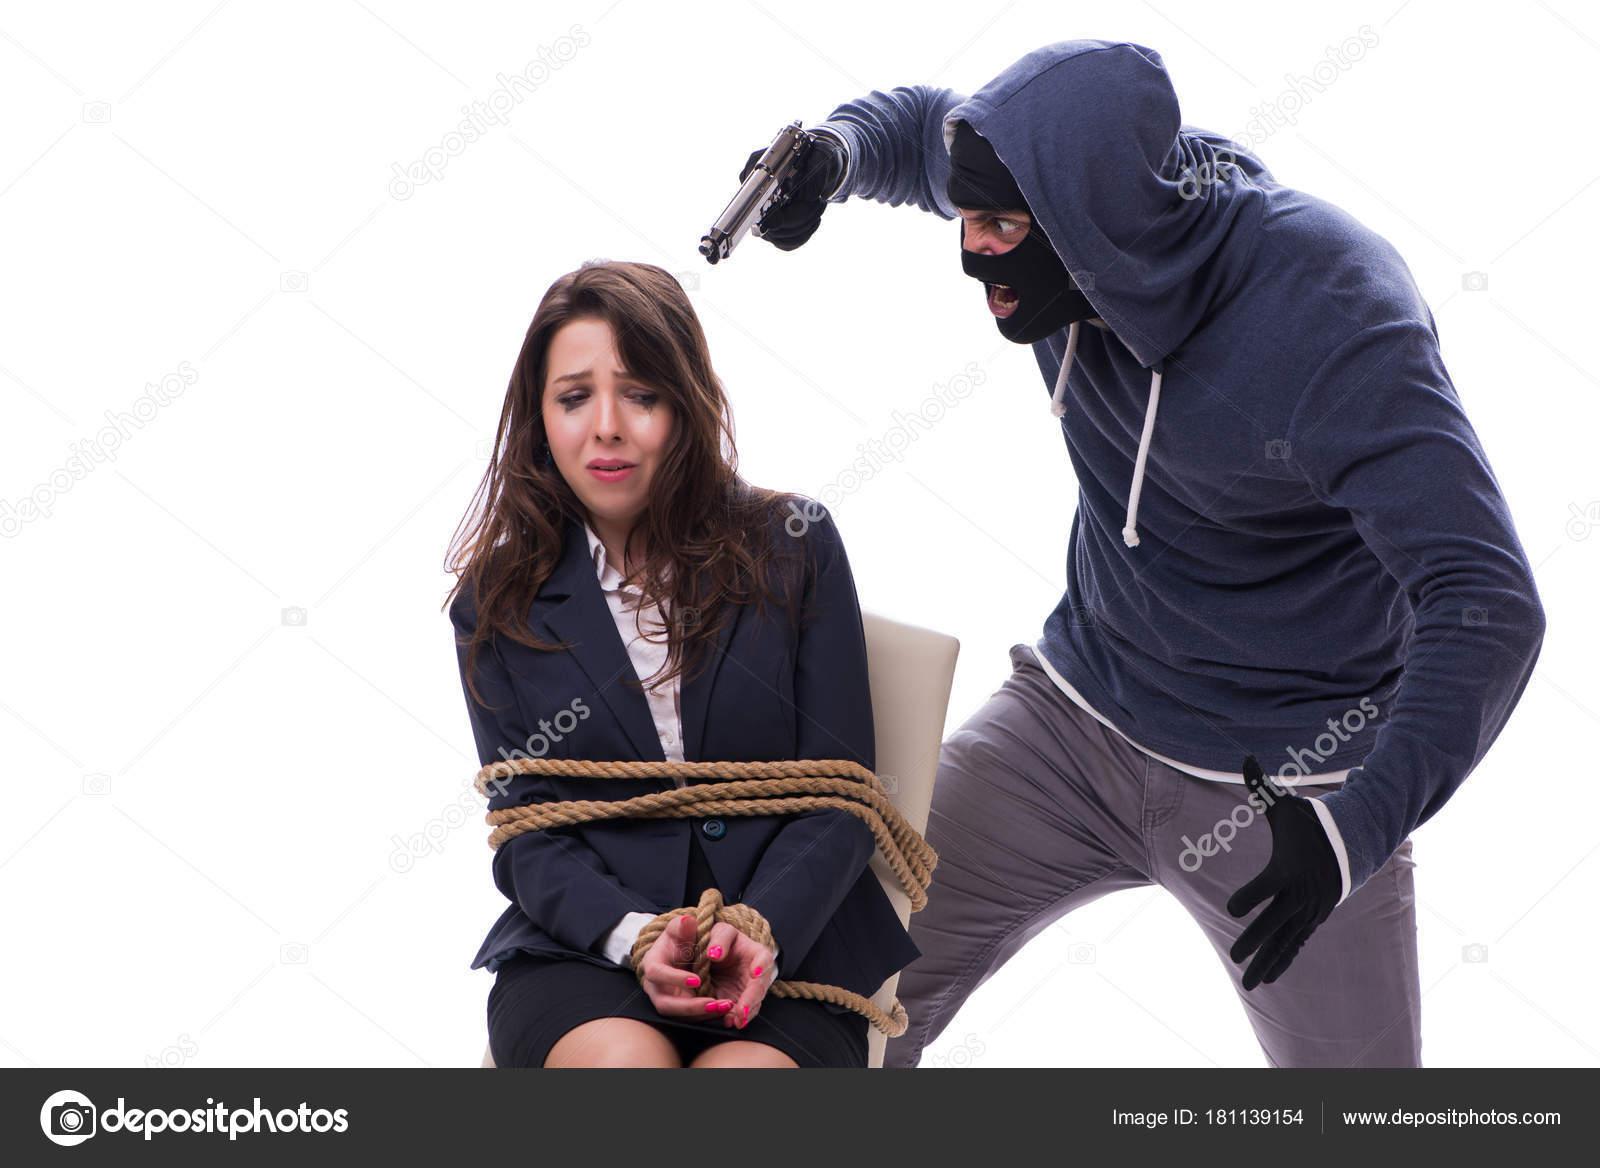 Fotos de Torturando de stock, imágenes de Torturando sin royalties |  Depositphotos